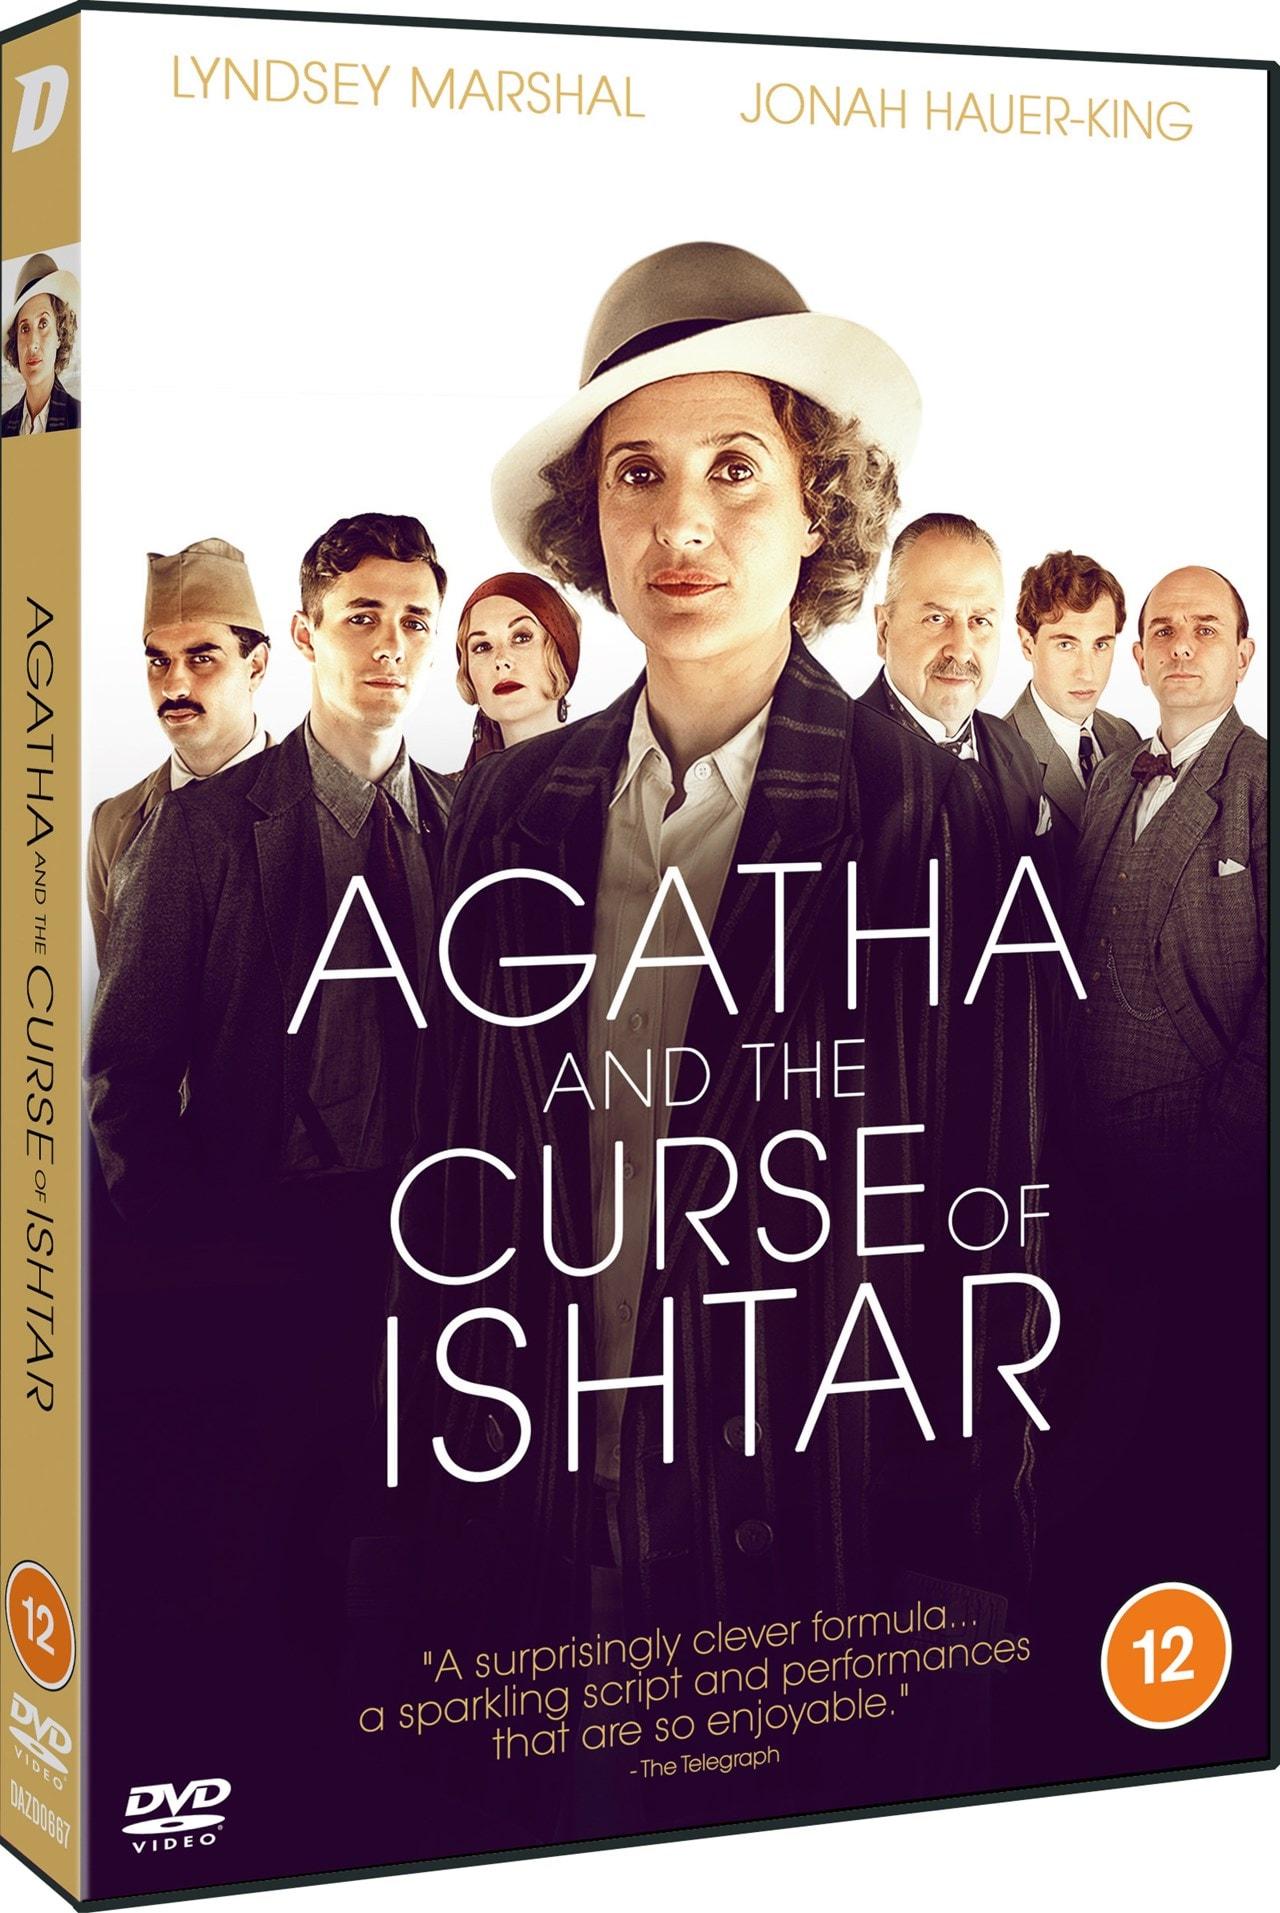 Agatha and the Curse of Ishtar - 2